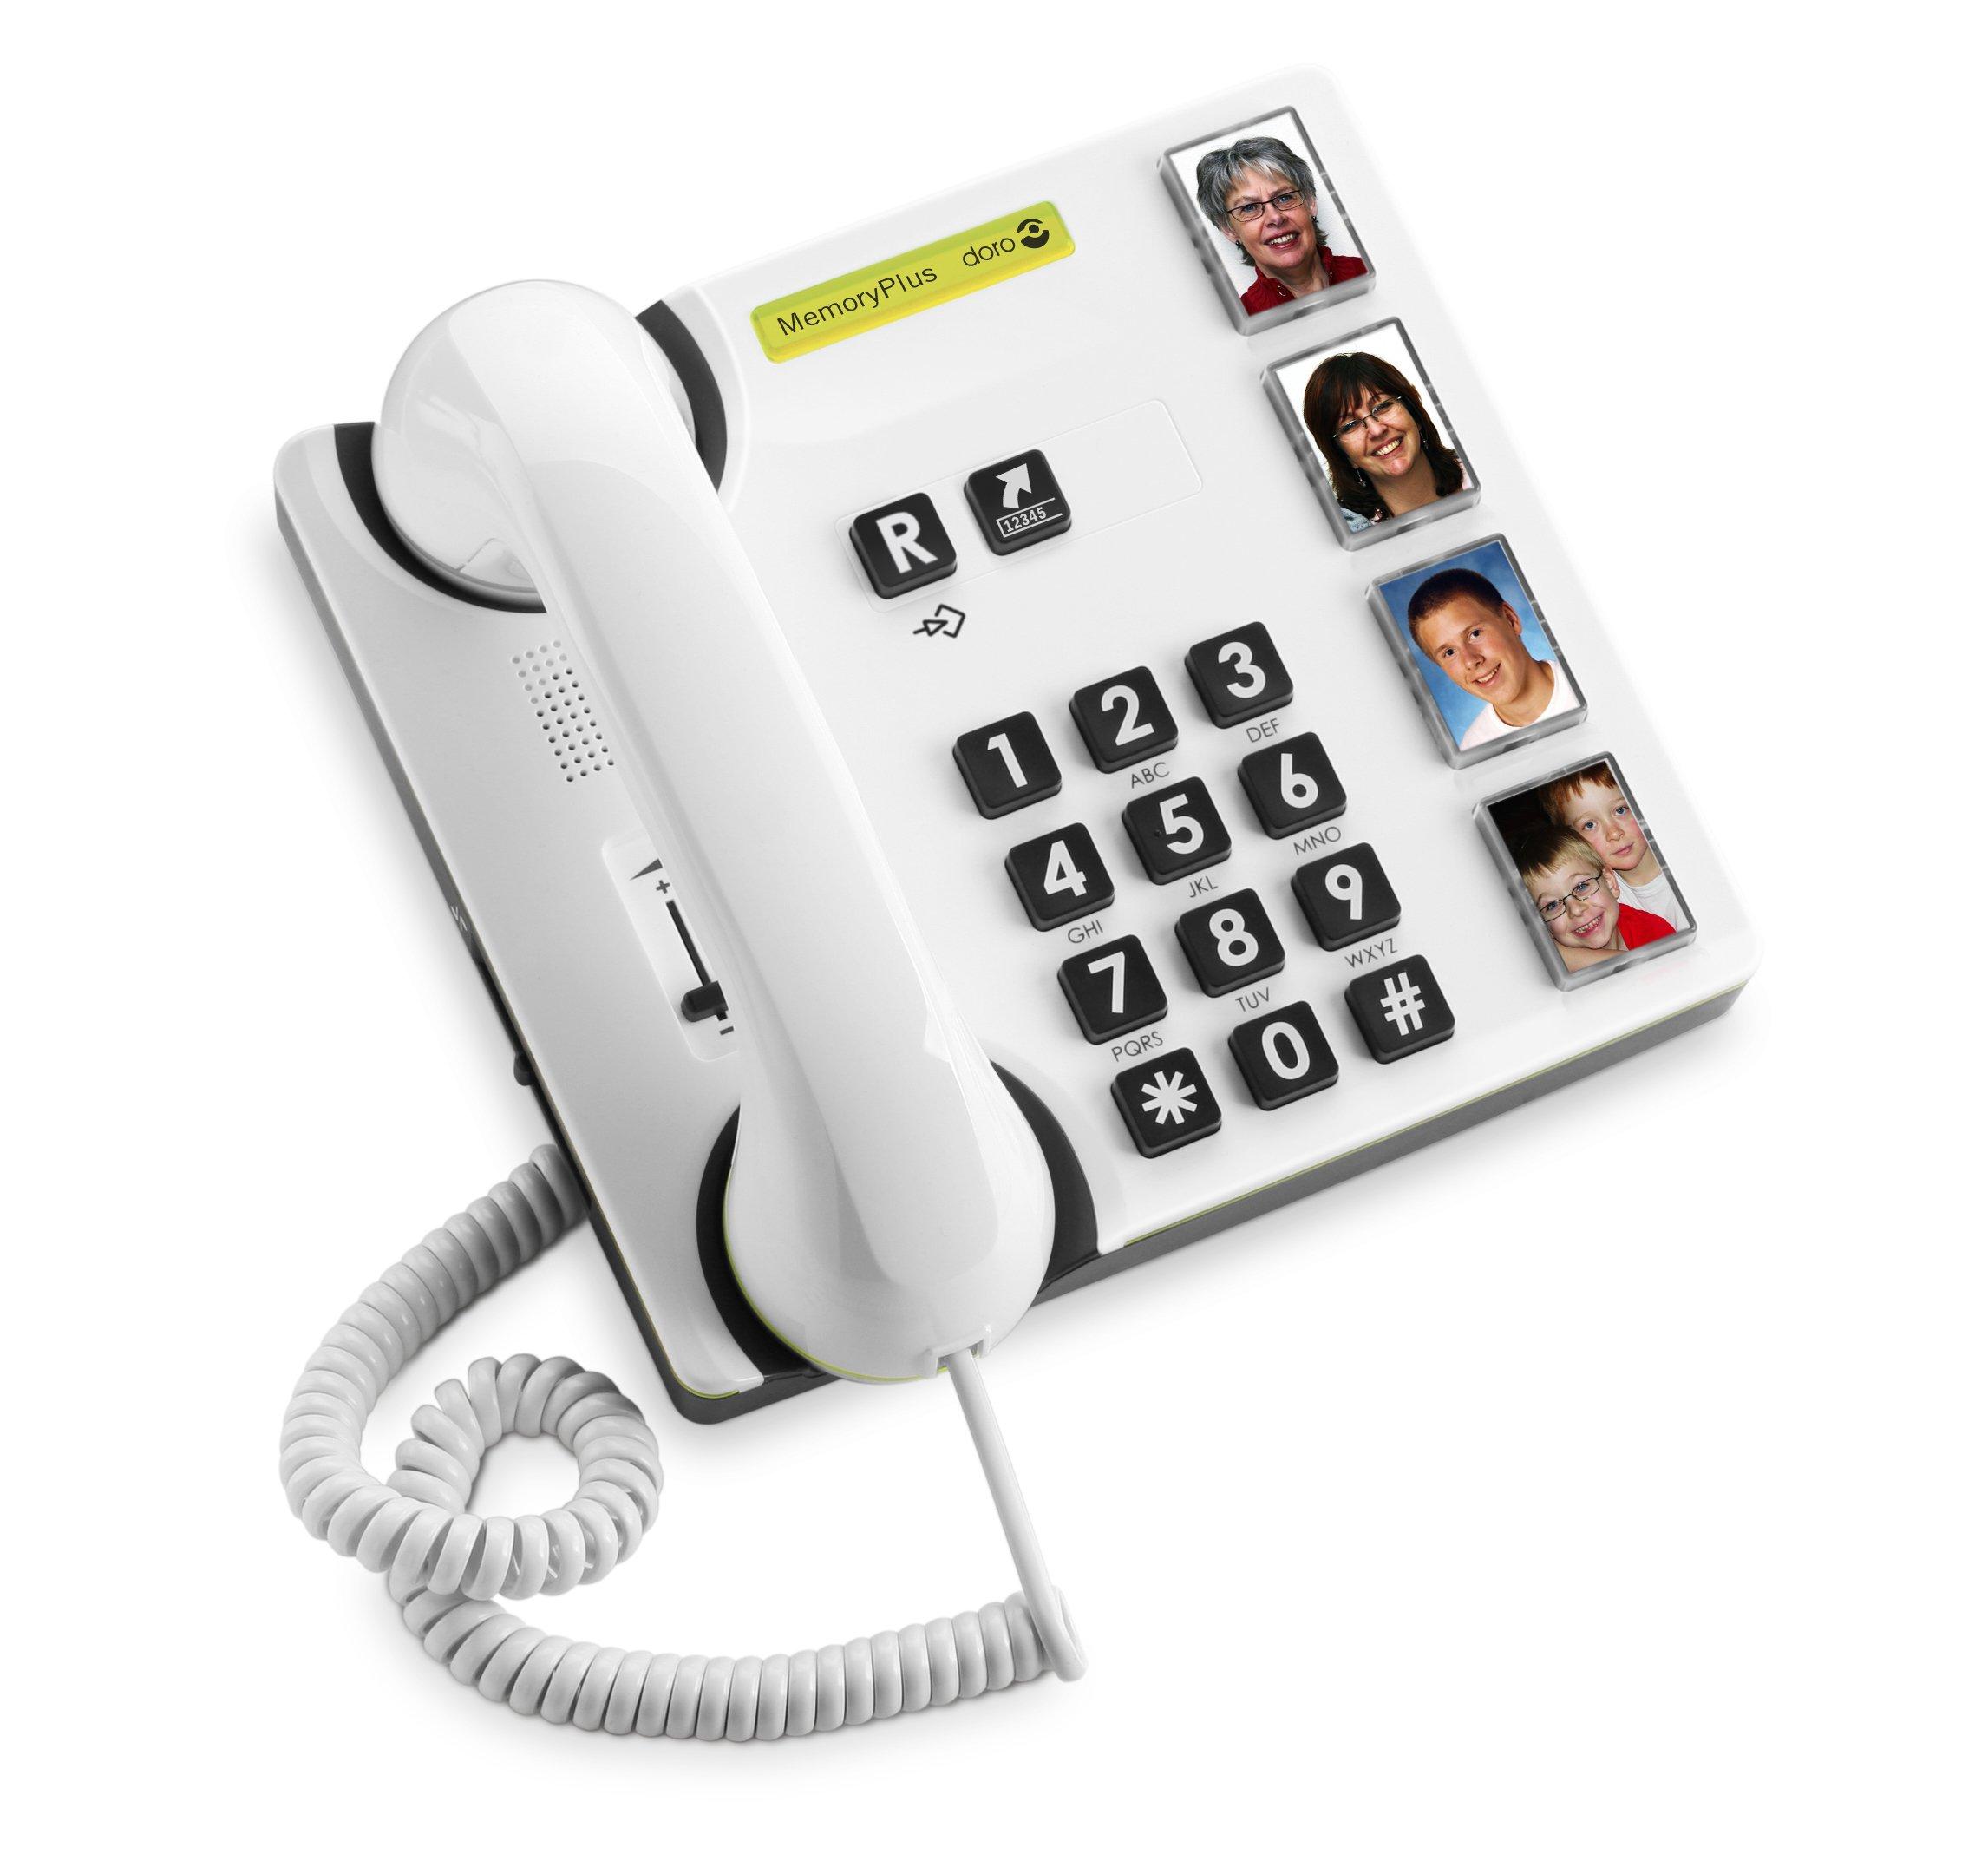 Doro Memoryplus 319I PH Telefoni domestici